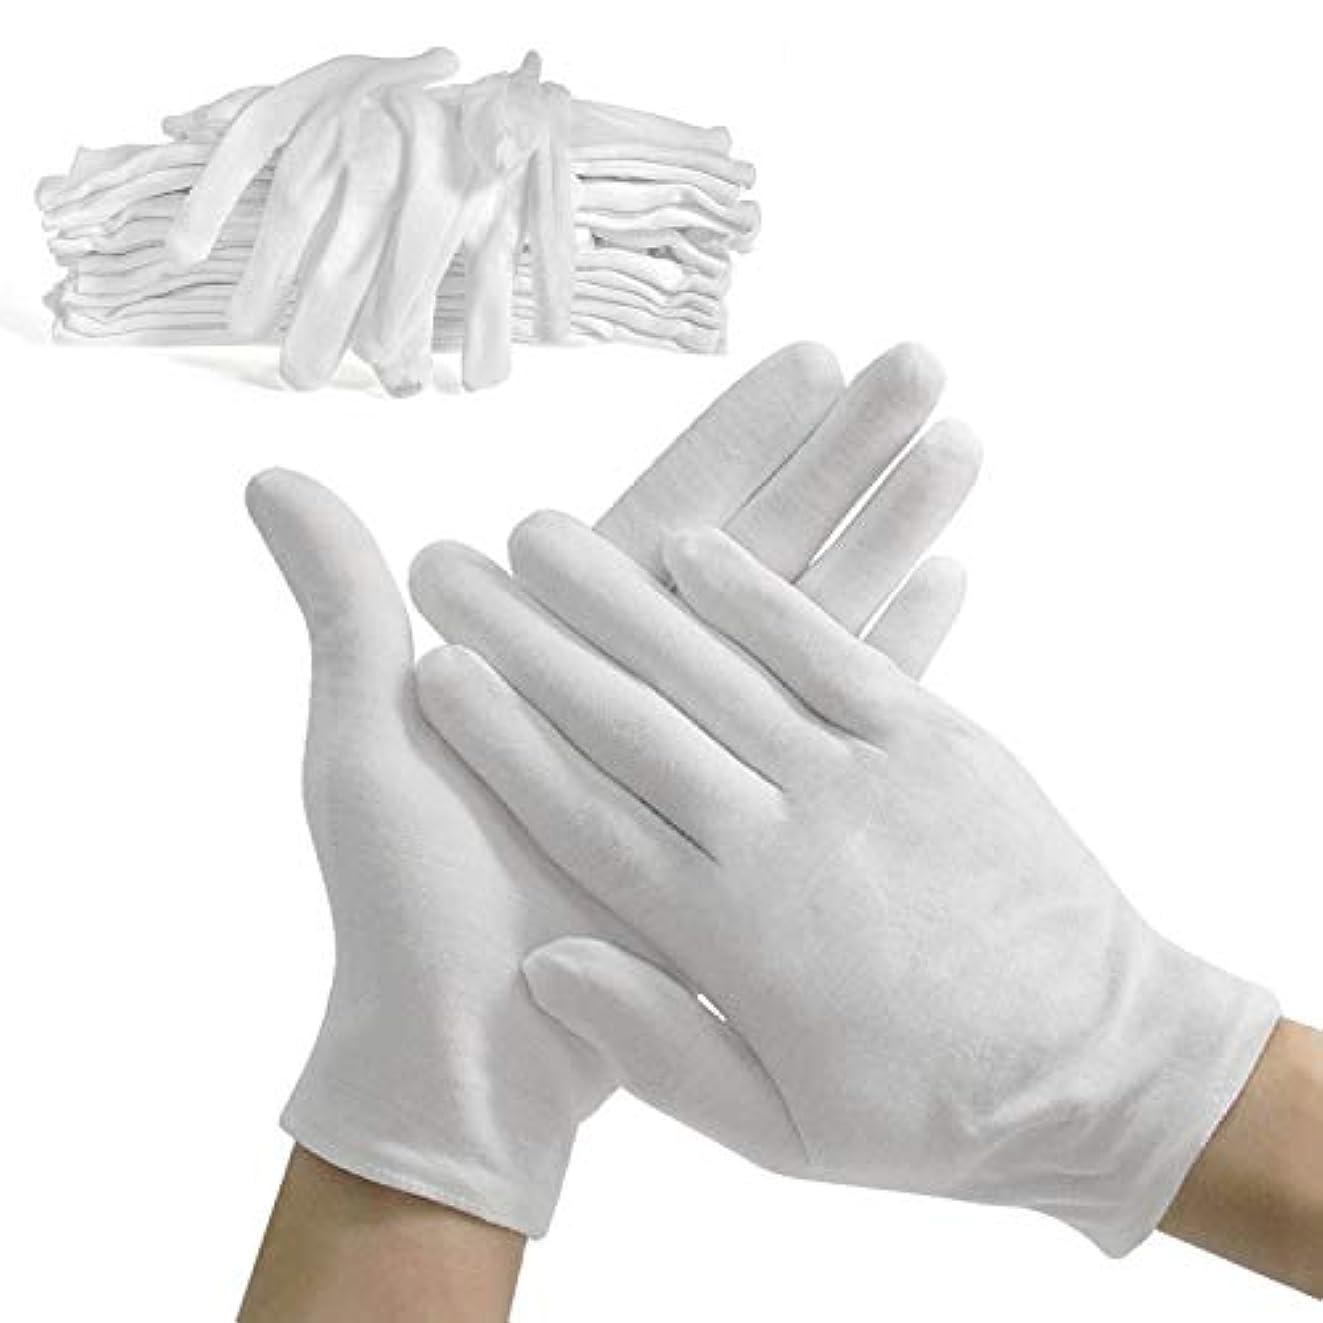 廃棄バイアスハリウッド使い捨て 手袋 コットン手袋 綿手袋 手荒れ 純綿100% 使い捨て 白手袋 薄手 お休み 湿疹 乾燥肌 保湿 礼装用 メンズ 手袋 レディース (XL,梱包数量100組(200)) (XL,梱包数量100組(200))